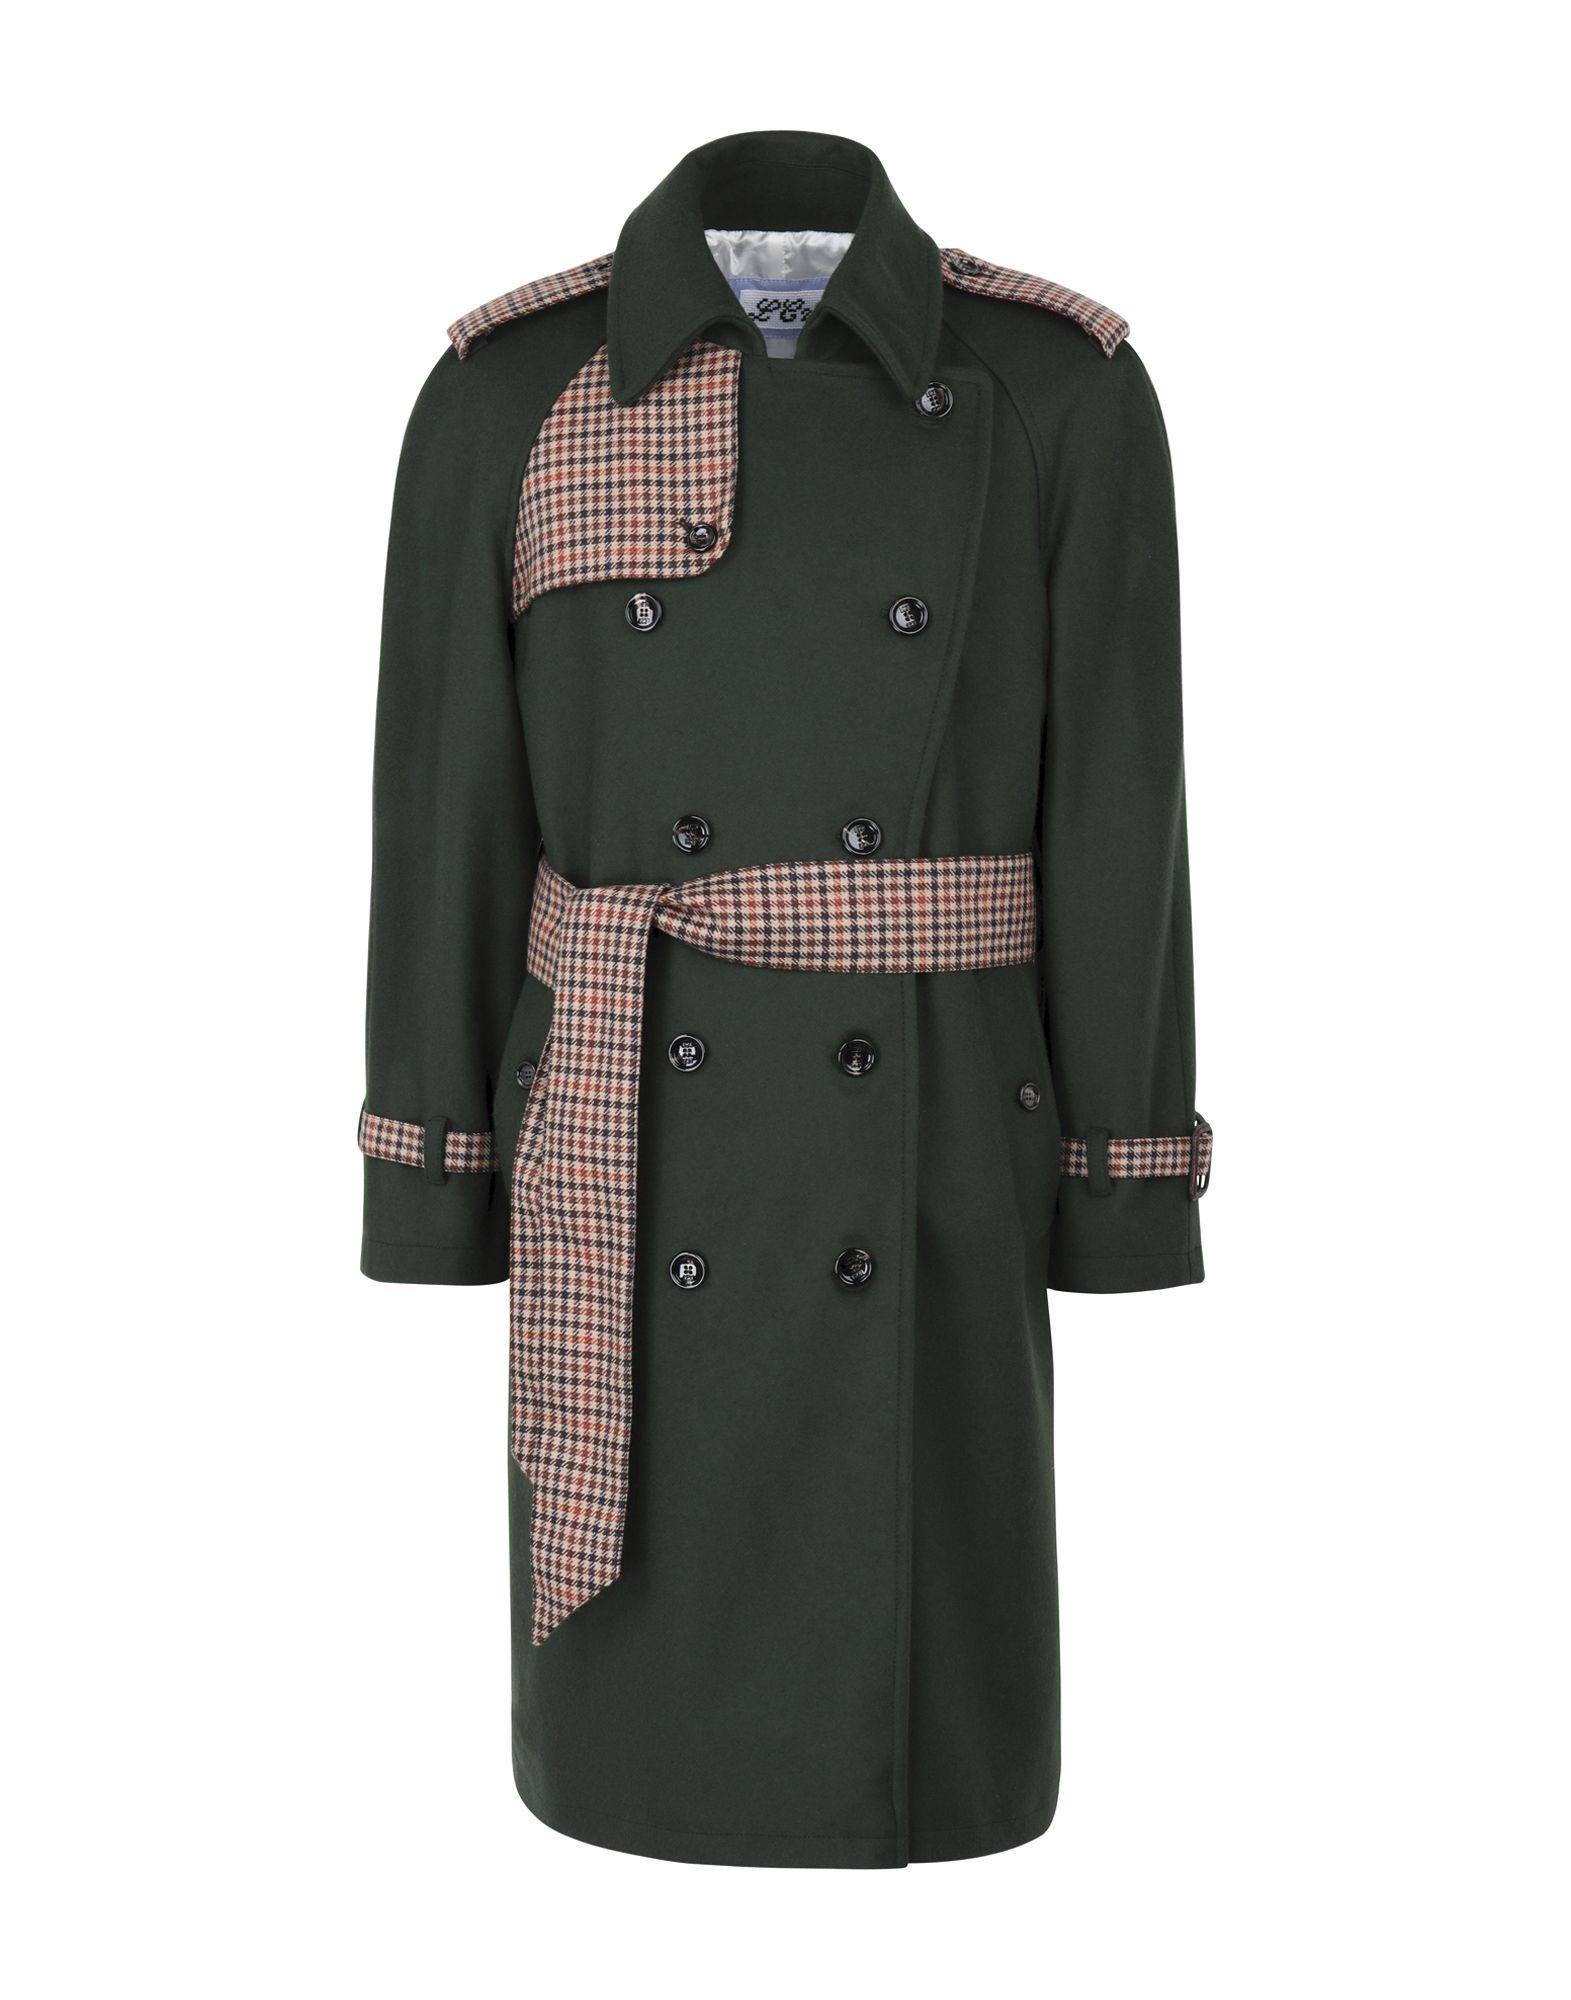 Фото - LC23 Пальто lc23 for popeye® легкое пальто